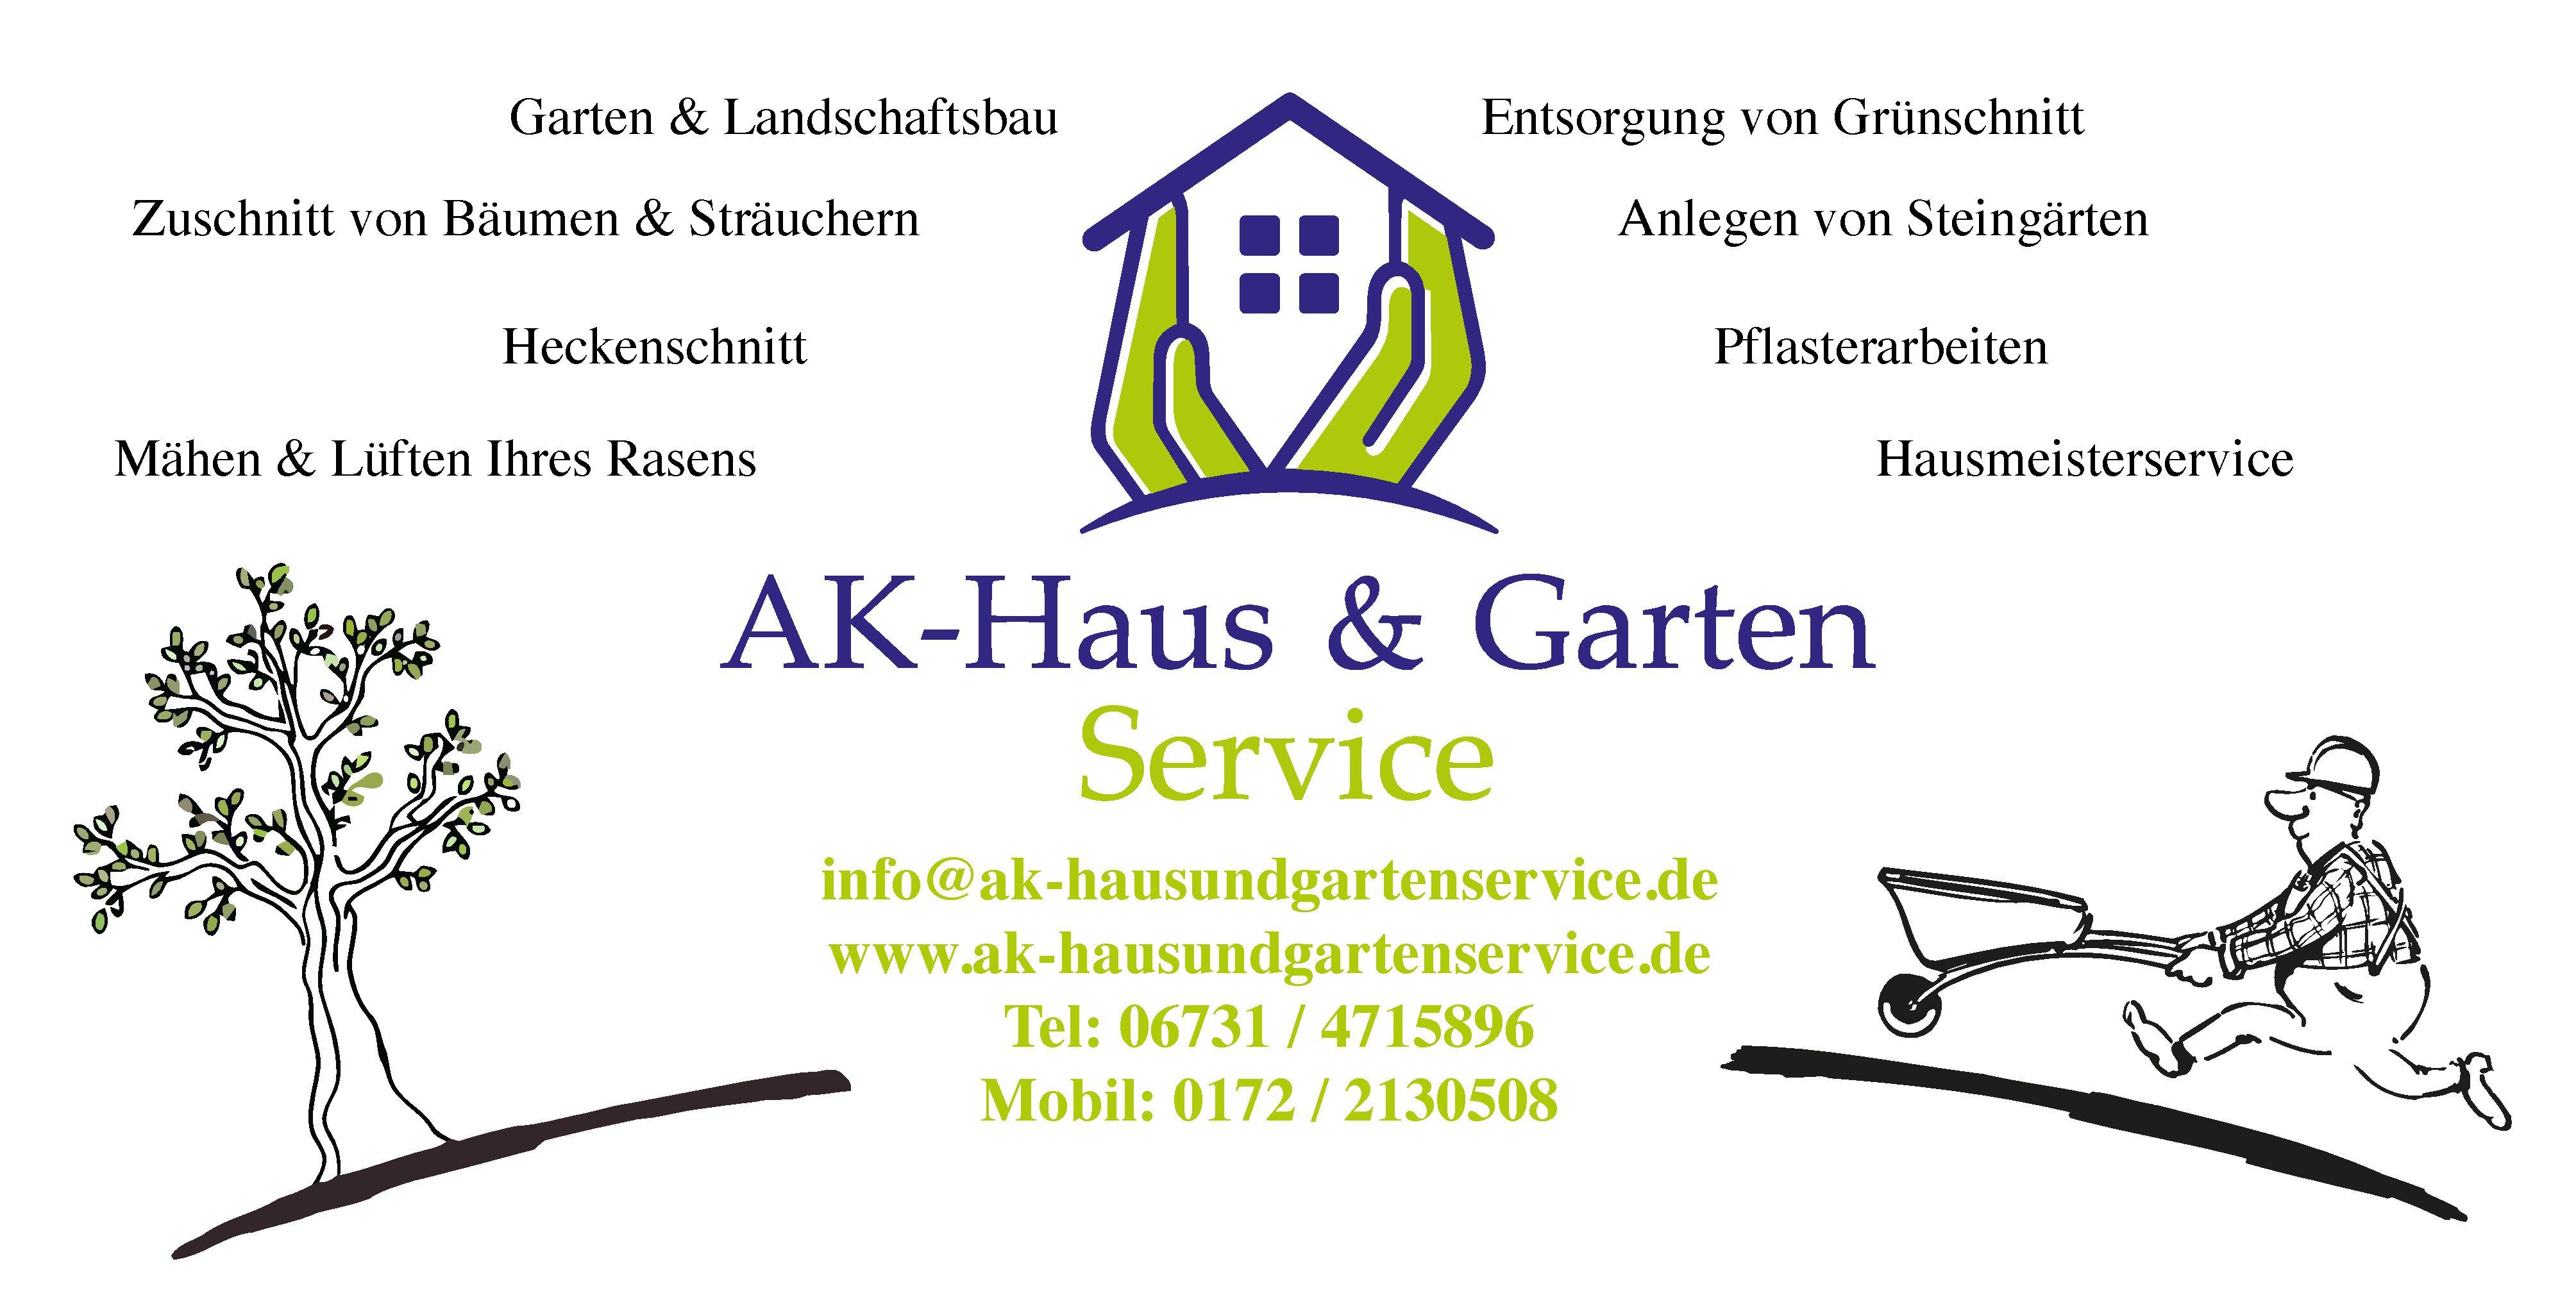 AK - Haus & Garten Service